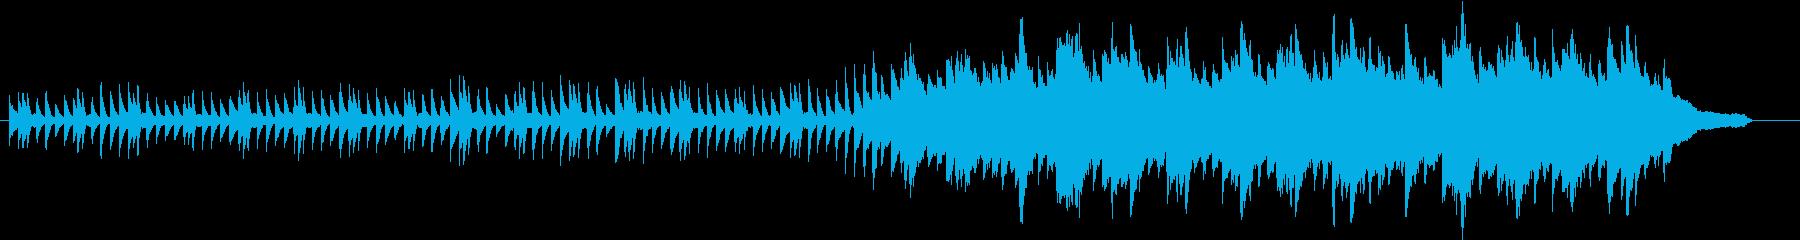 冬のイメージのピアノ03の再生済みの波形